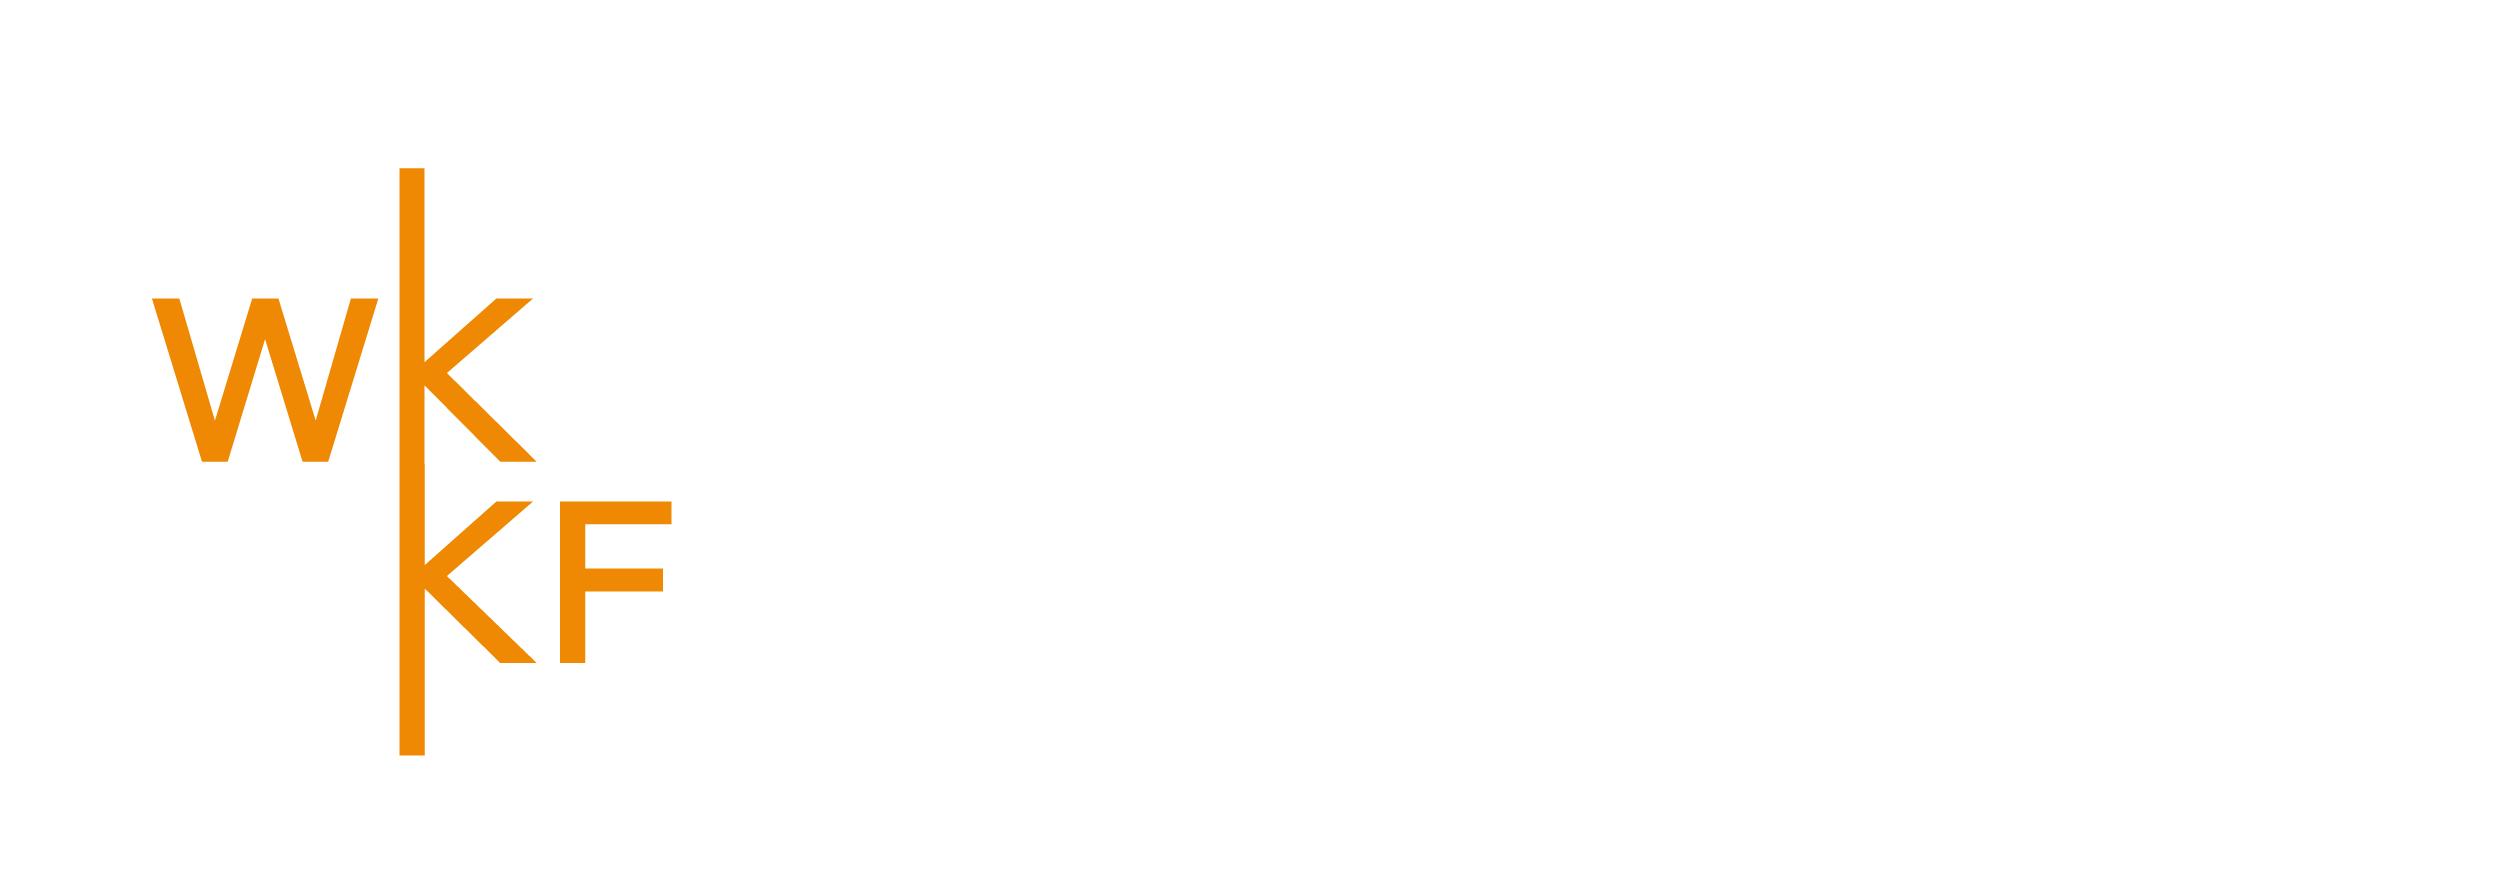 2020 WKKF Annual Report